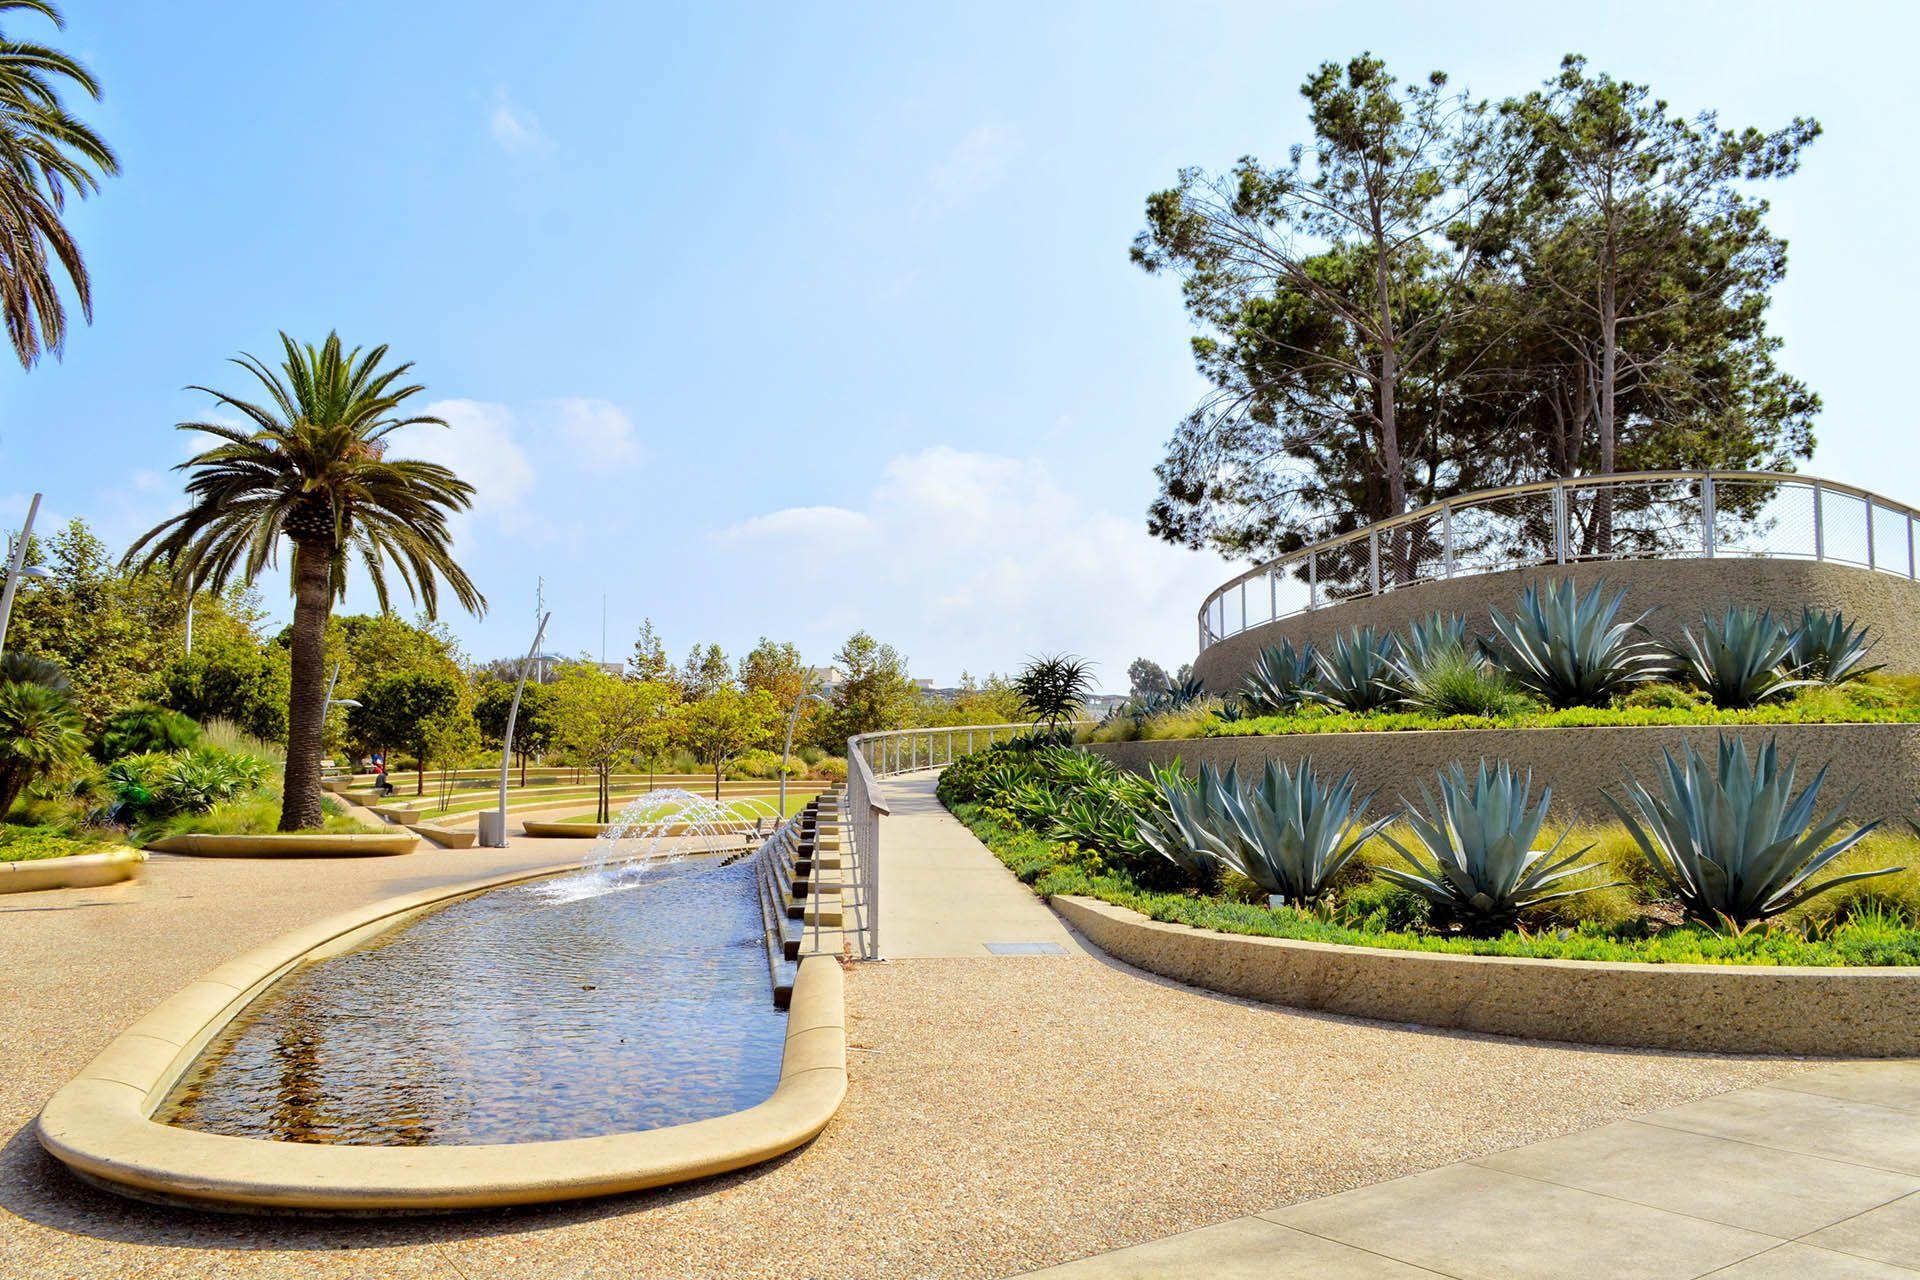 Design universale, Parco pubblico senza barriere